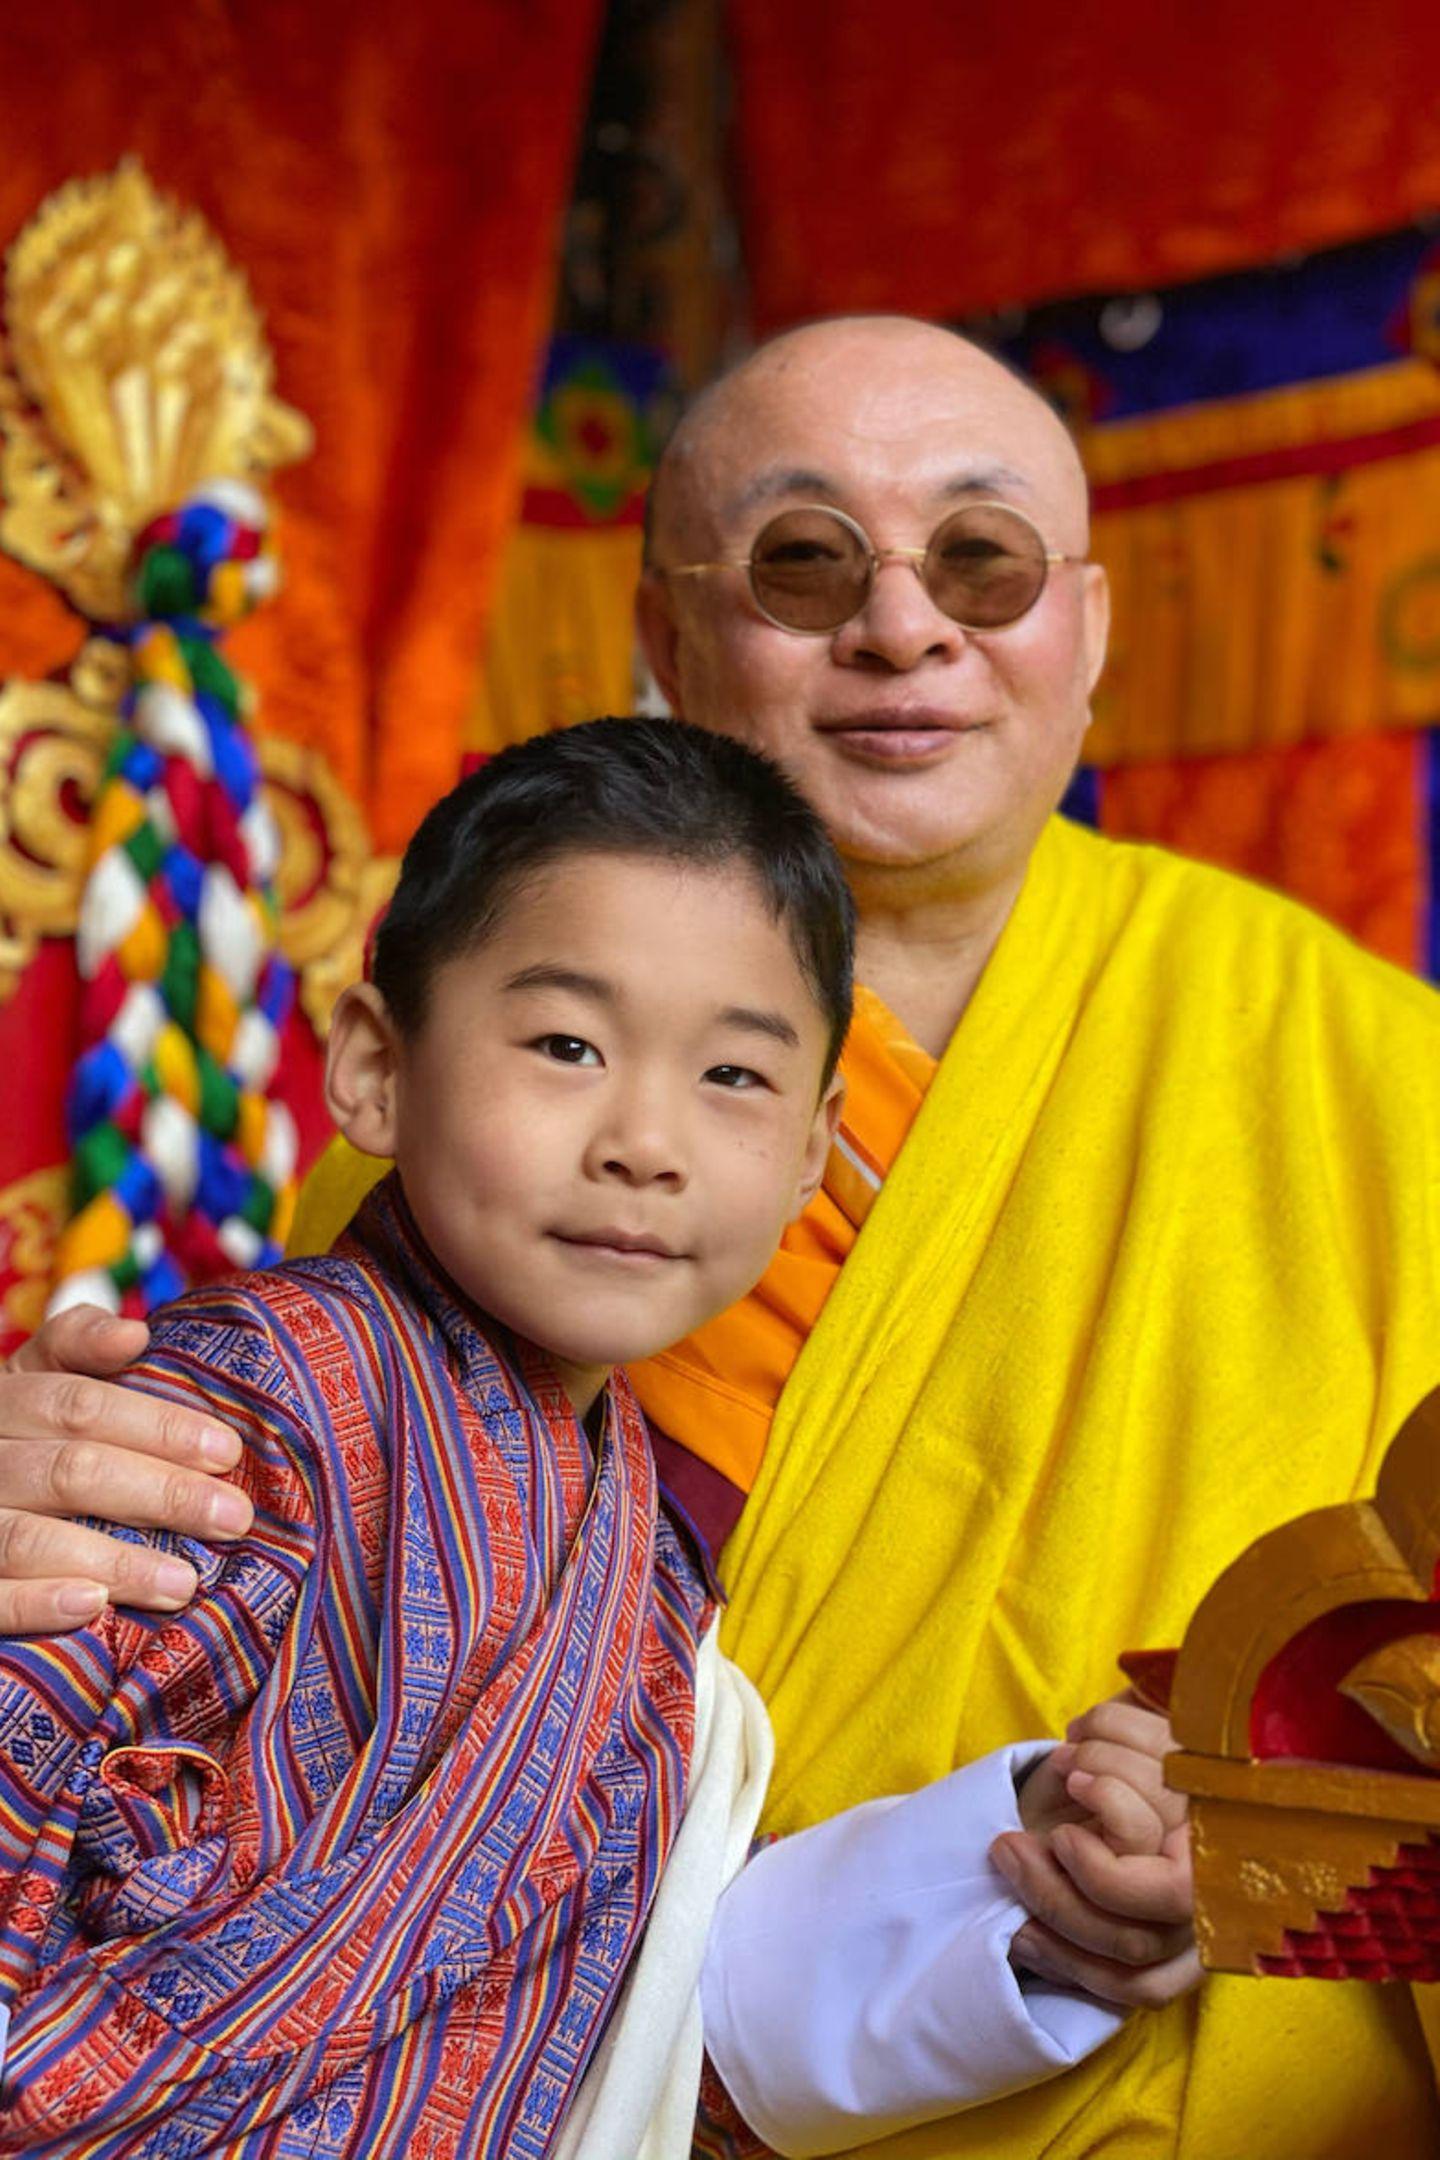 Prinz Jigme posiert am Nationalfeiertag mit Truelku Jigme Chhoeda, dem geistlichen Führer von Bhutan. Mit seinem niedlichen Lächeln erobert der kleine Thronfolger alle Herzen.